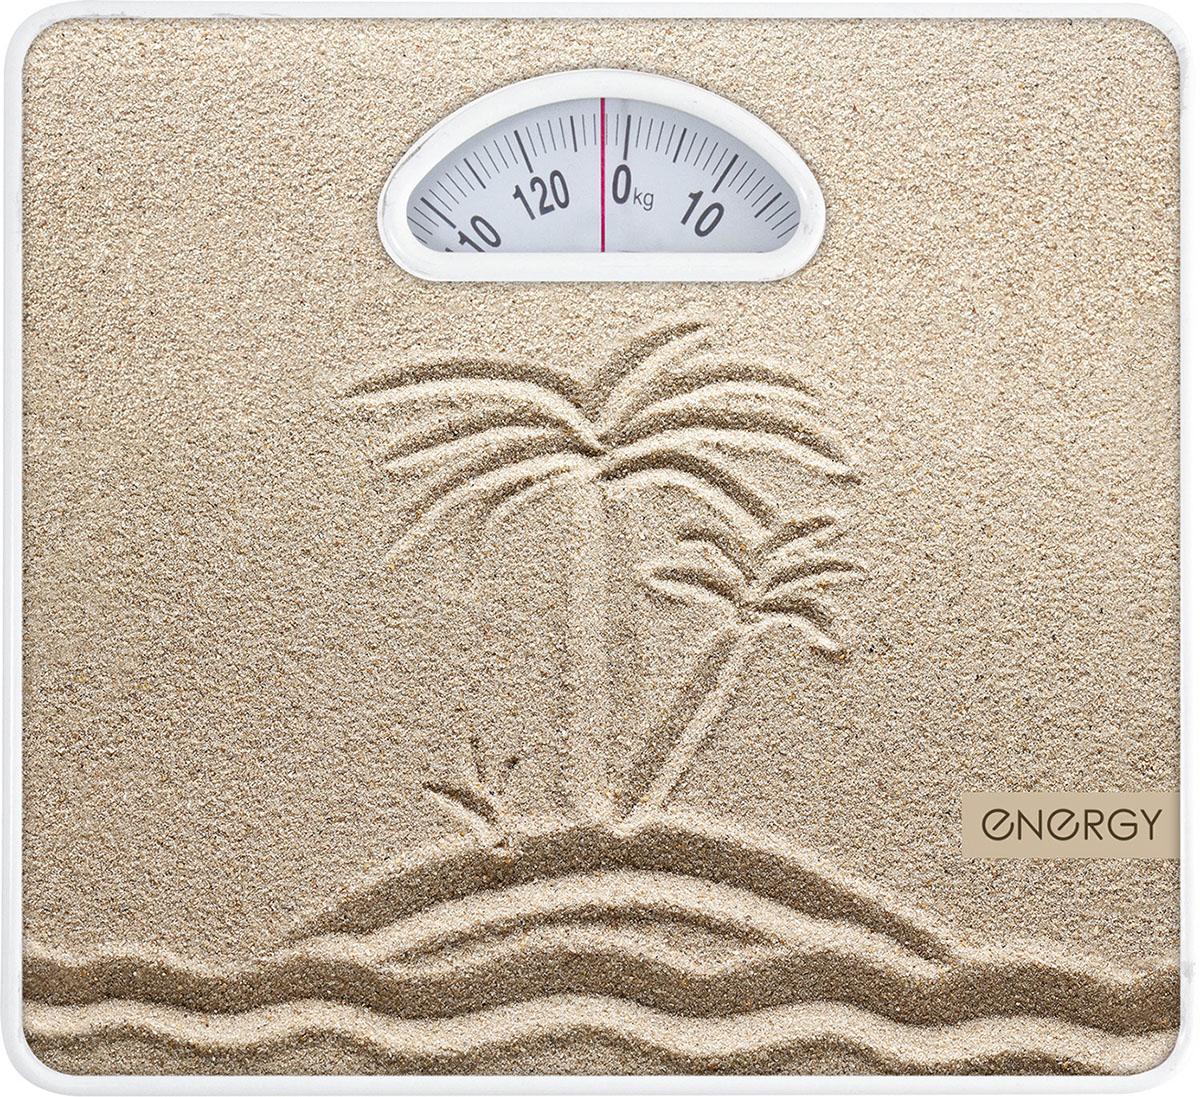 Energy ENМ-408Е напольные весы54 003117Напольные механические весы Energy ENМ-408E - неотъемлемый атрибут здорового образа жизни. Они необходимы тем, кто следит за своим здоровьем, весом, ведет активный образ жизни, занимается спортом и фитнесом. Очень удобны для будущих мам, постоянно контролирующих прибавку в весе, также рекомендуются родителям, внимательно следящим за весом своих детей.Надежный механизмКрупный шрифт надписей на шкалеЦена деления: 1 кг